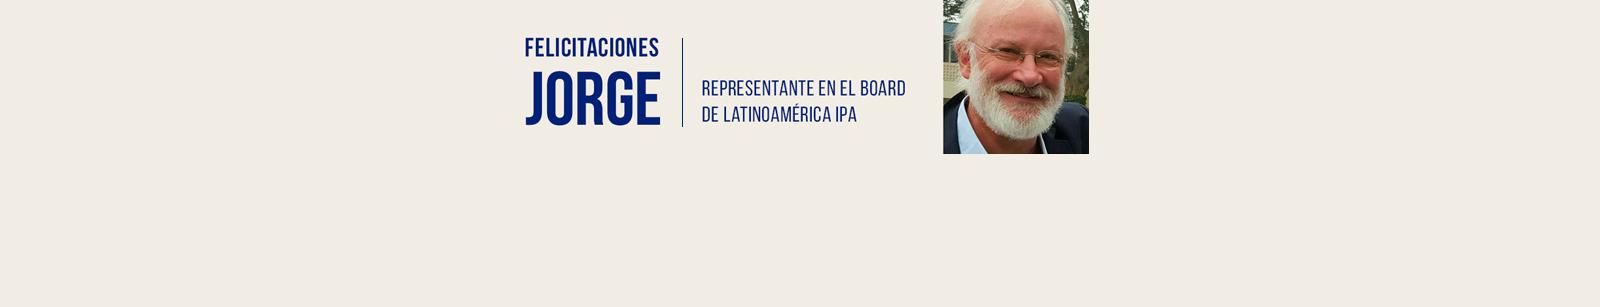 Felicitaciones Jorge, Representante en el Board de Latinoamérica IPA